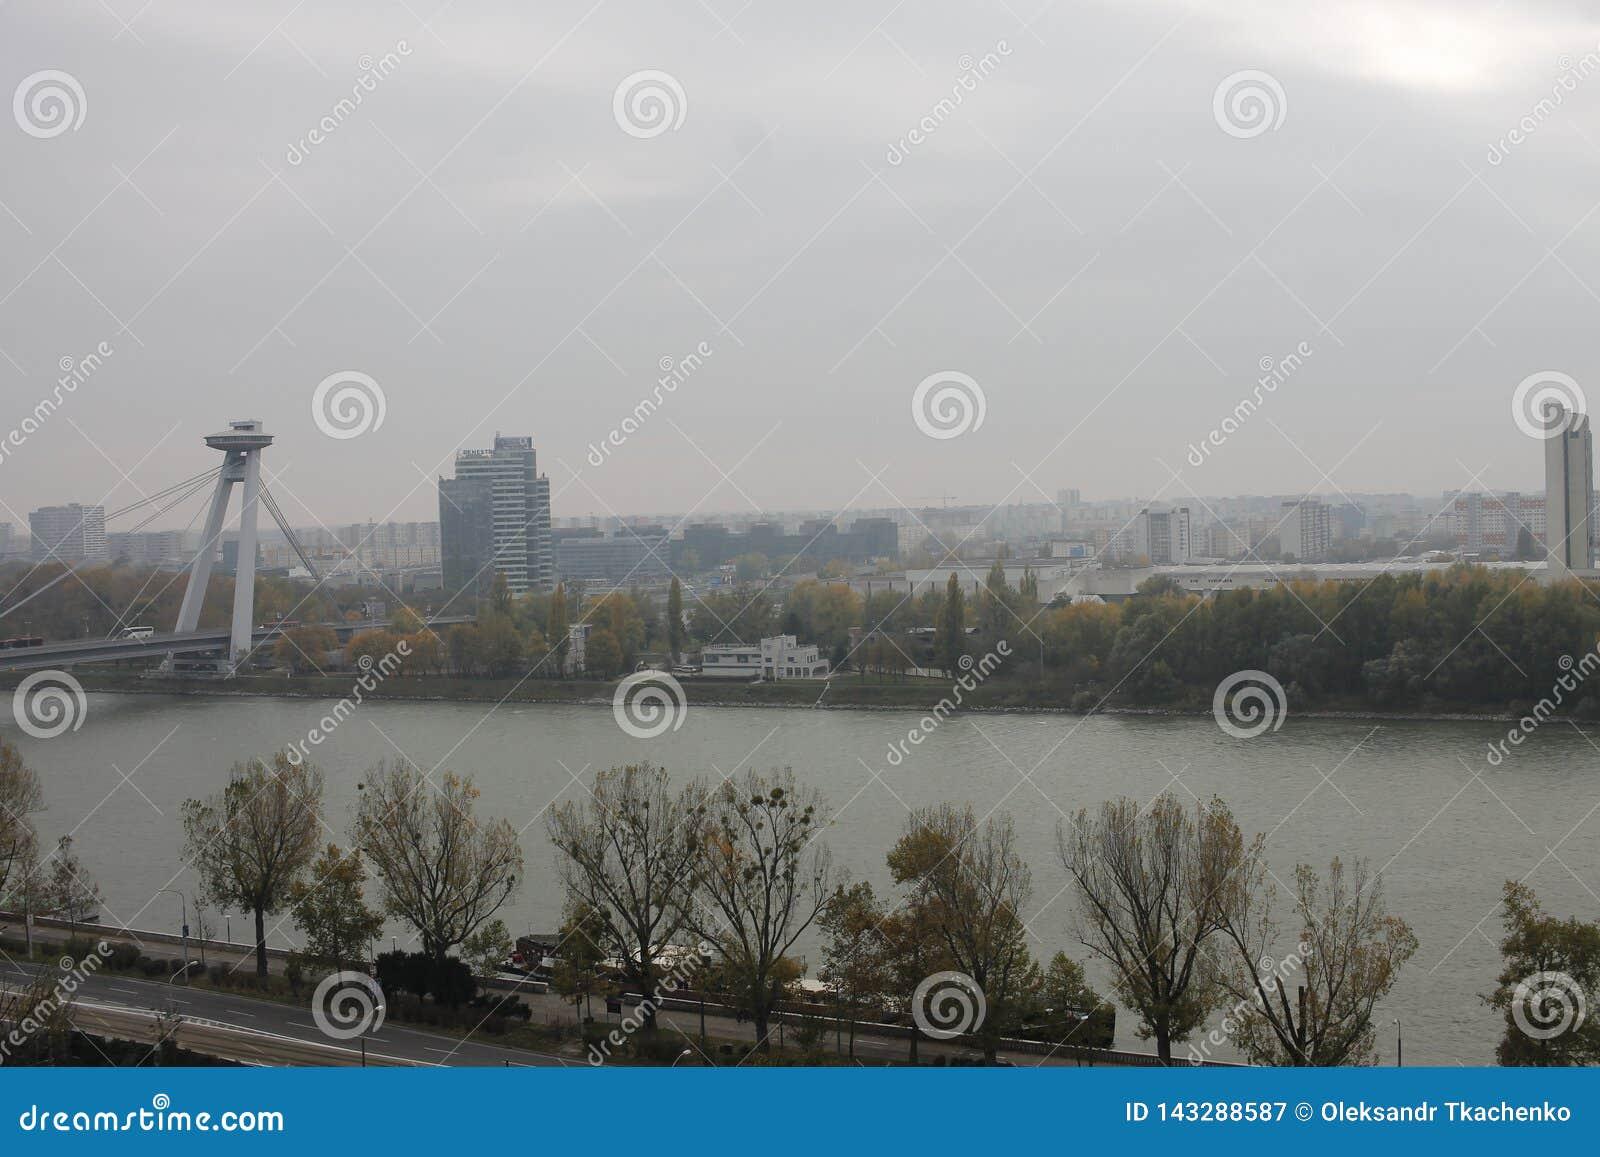 Nouveau pont de ch?teau - Bratislava, Slovaquie